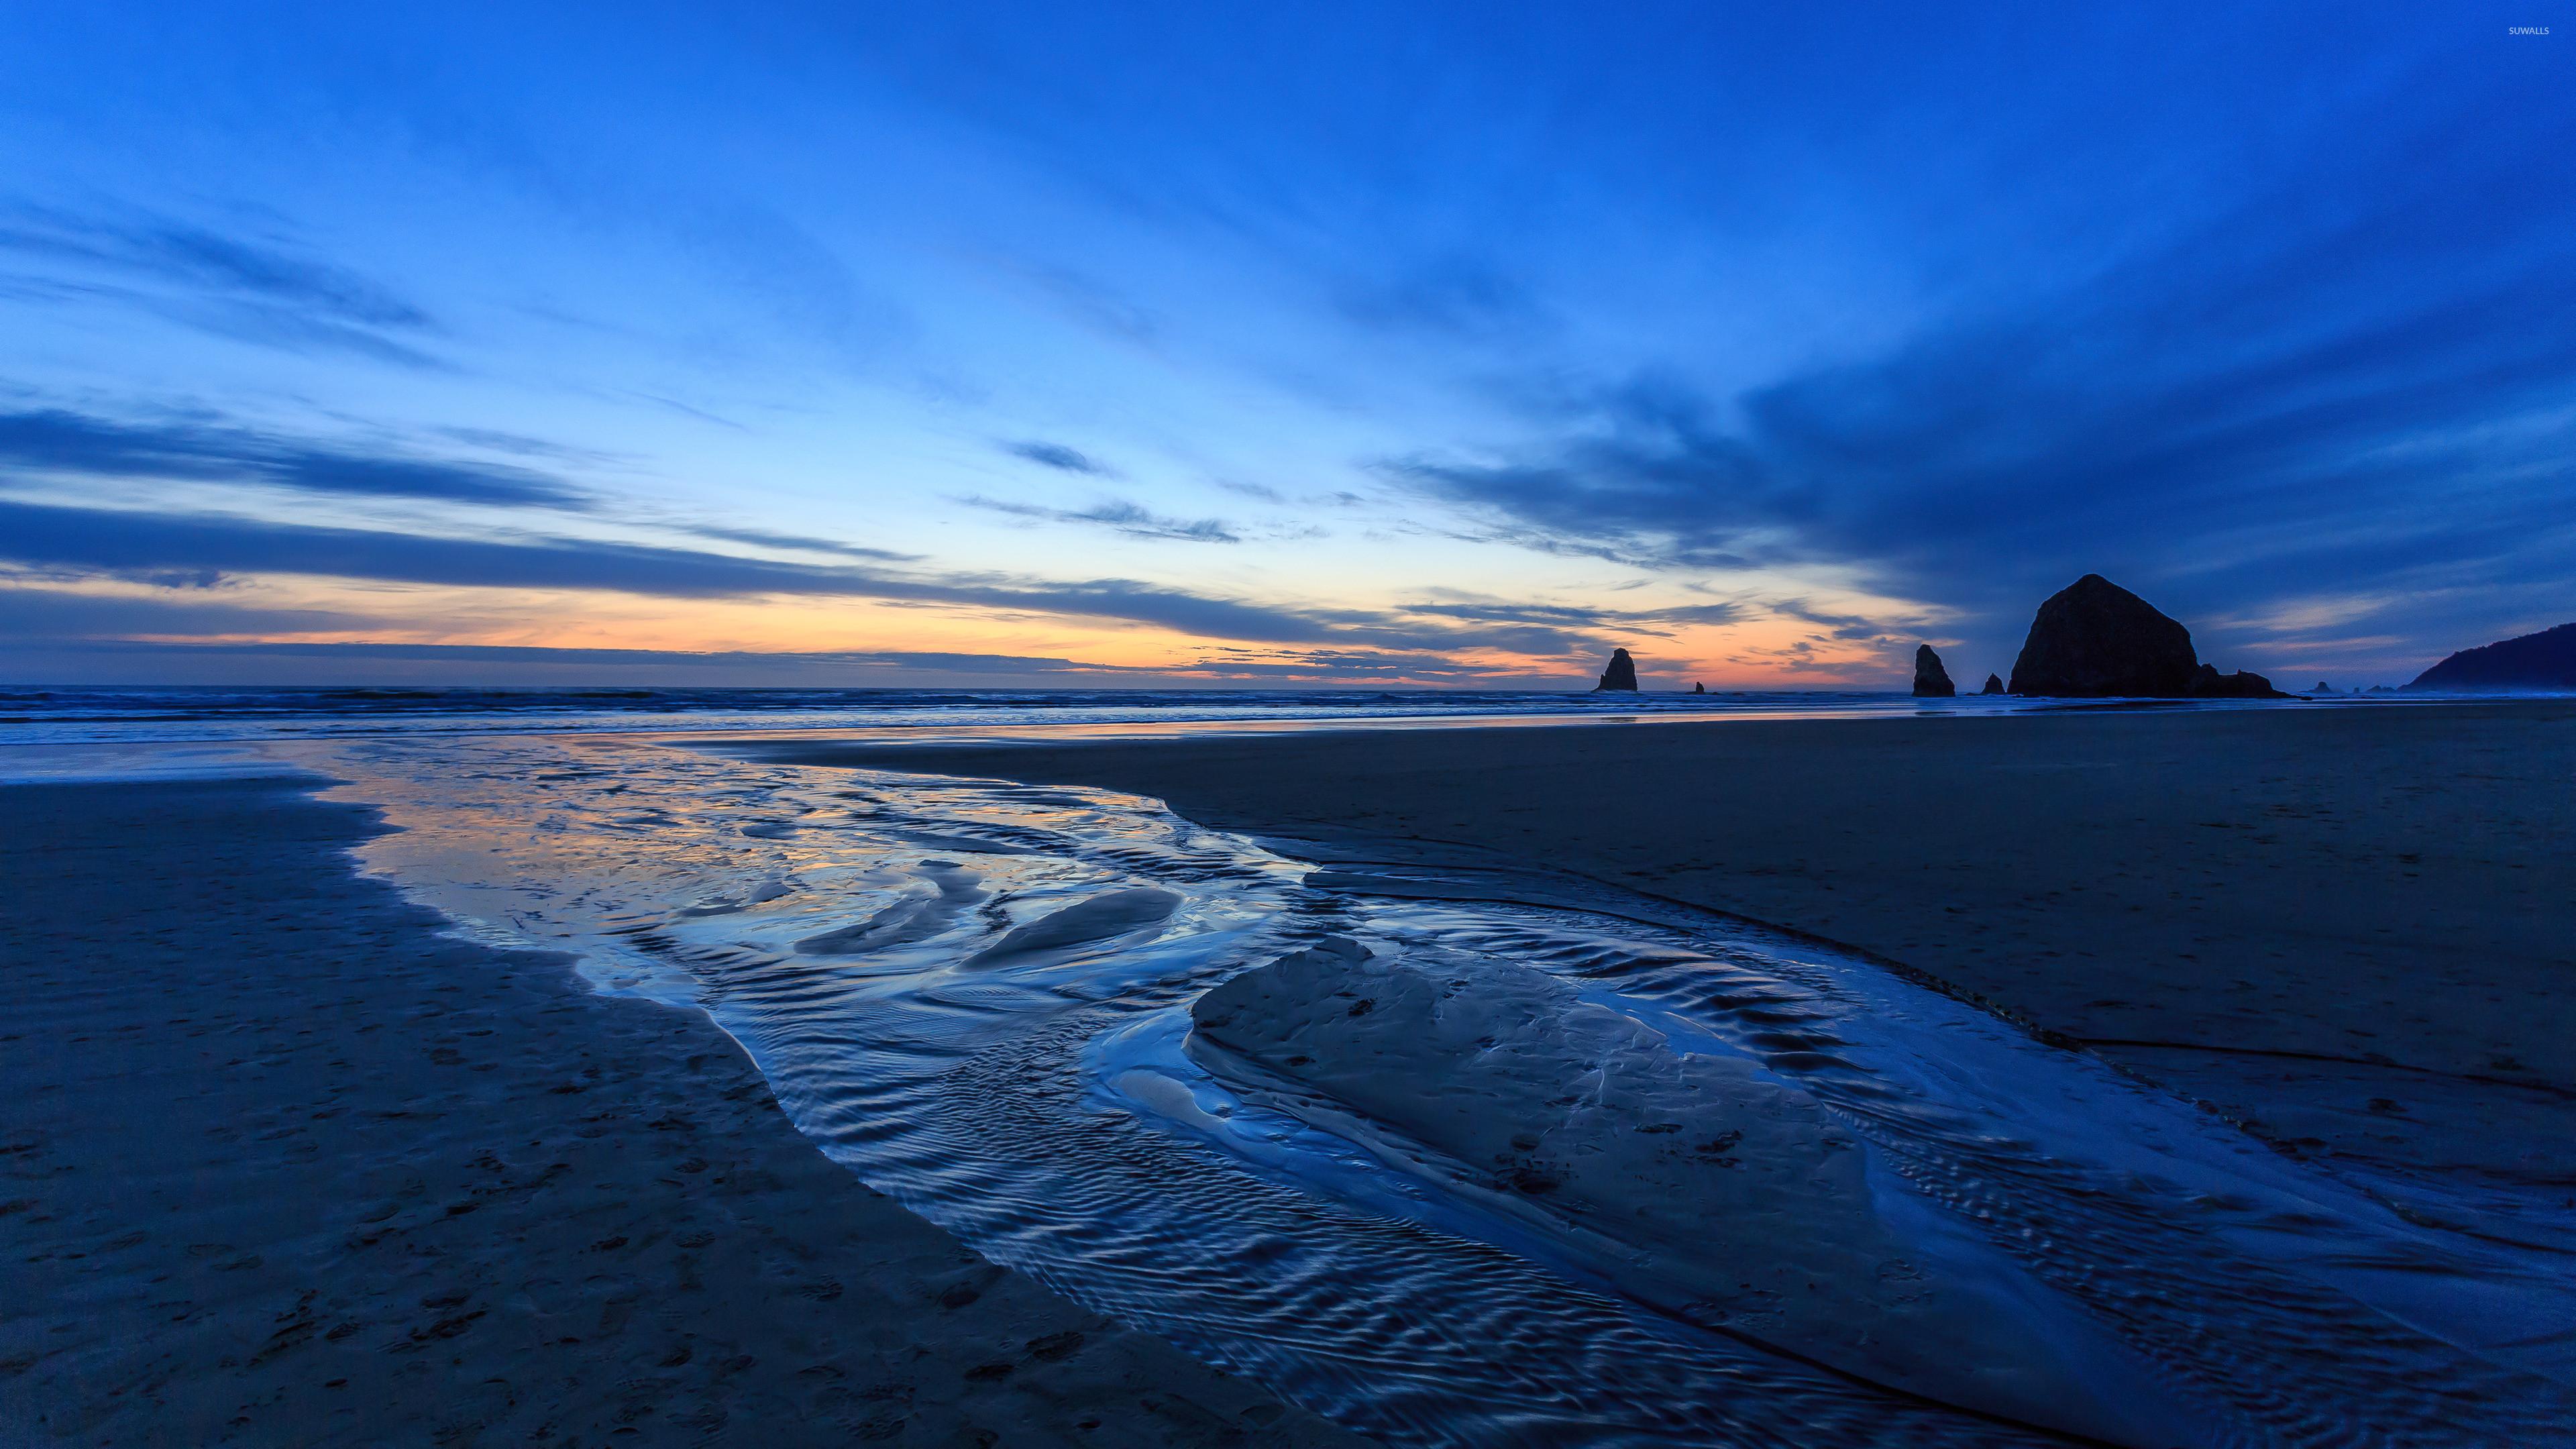 Res: 3840x2160, Blue ocean sunset wallpaper